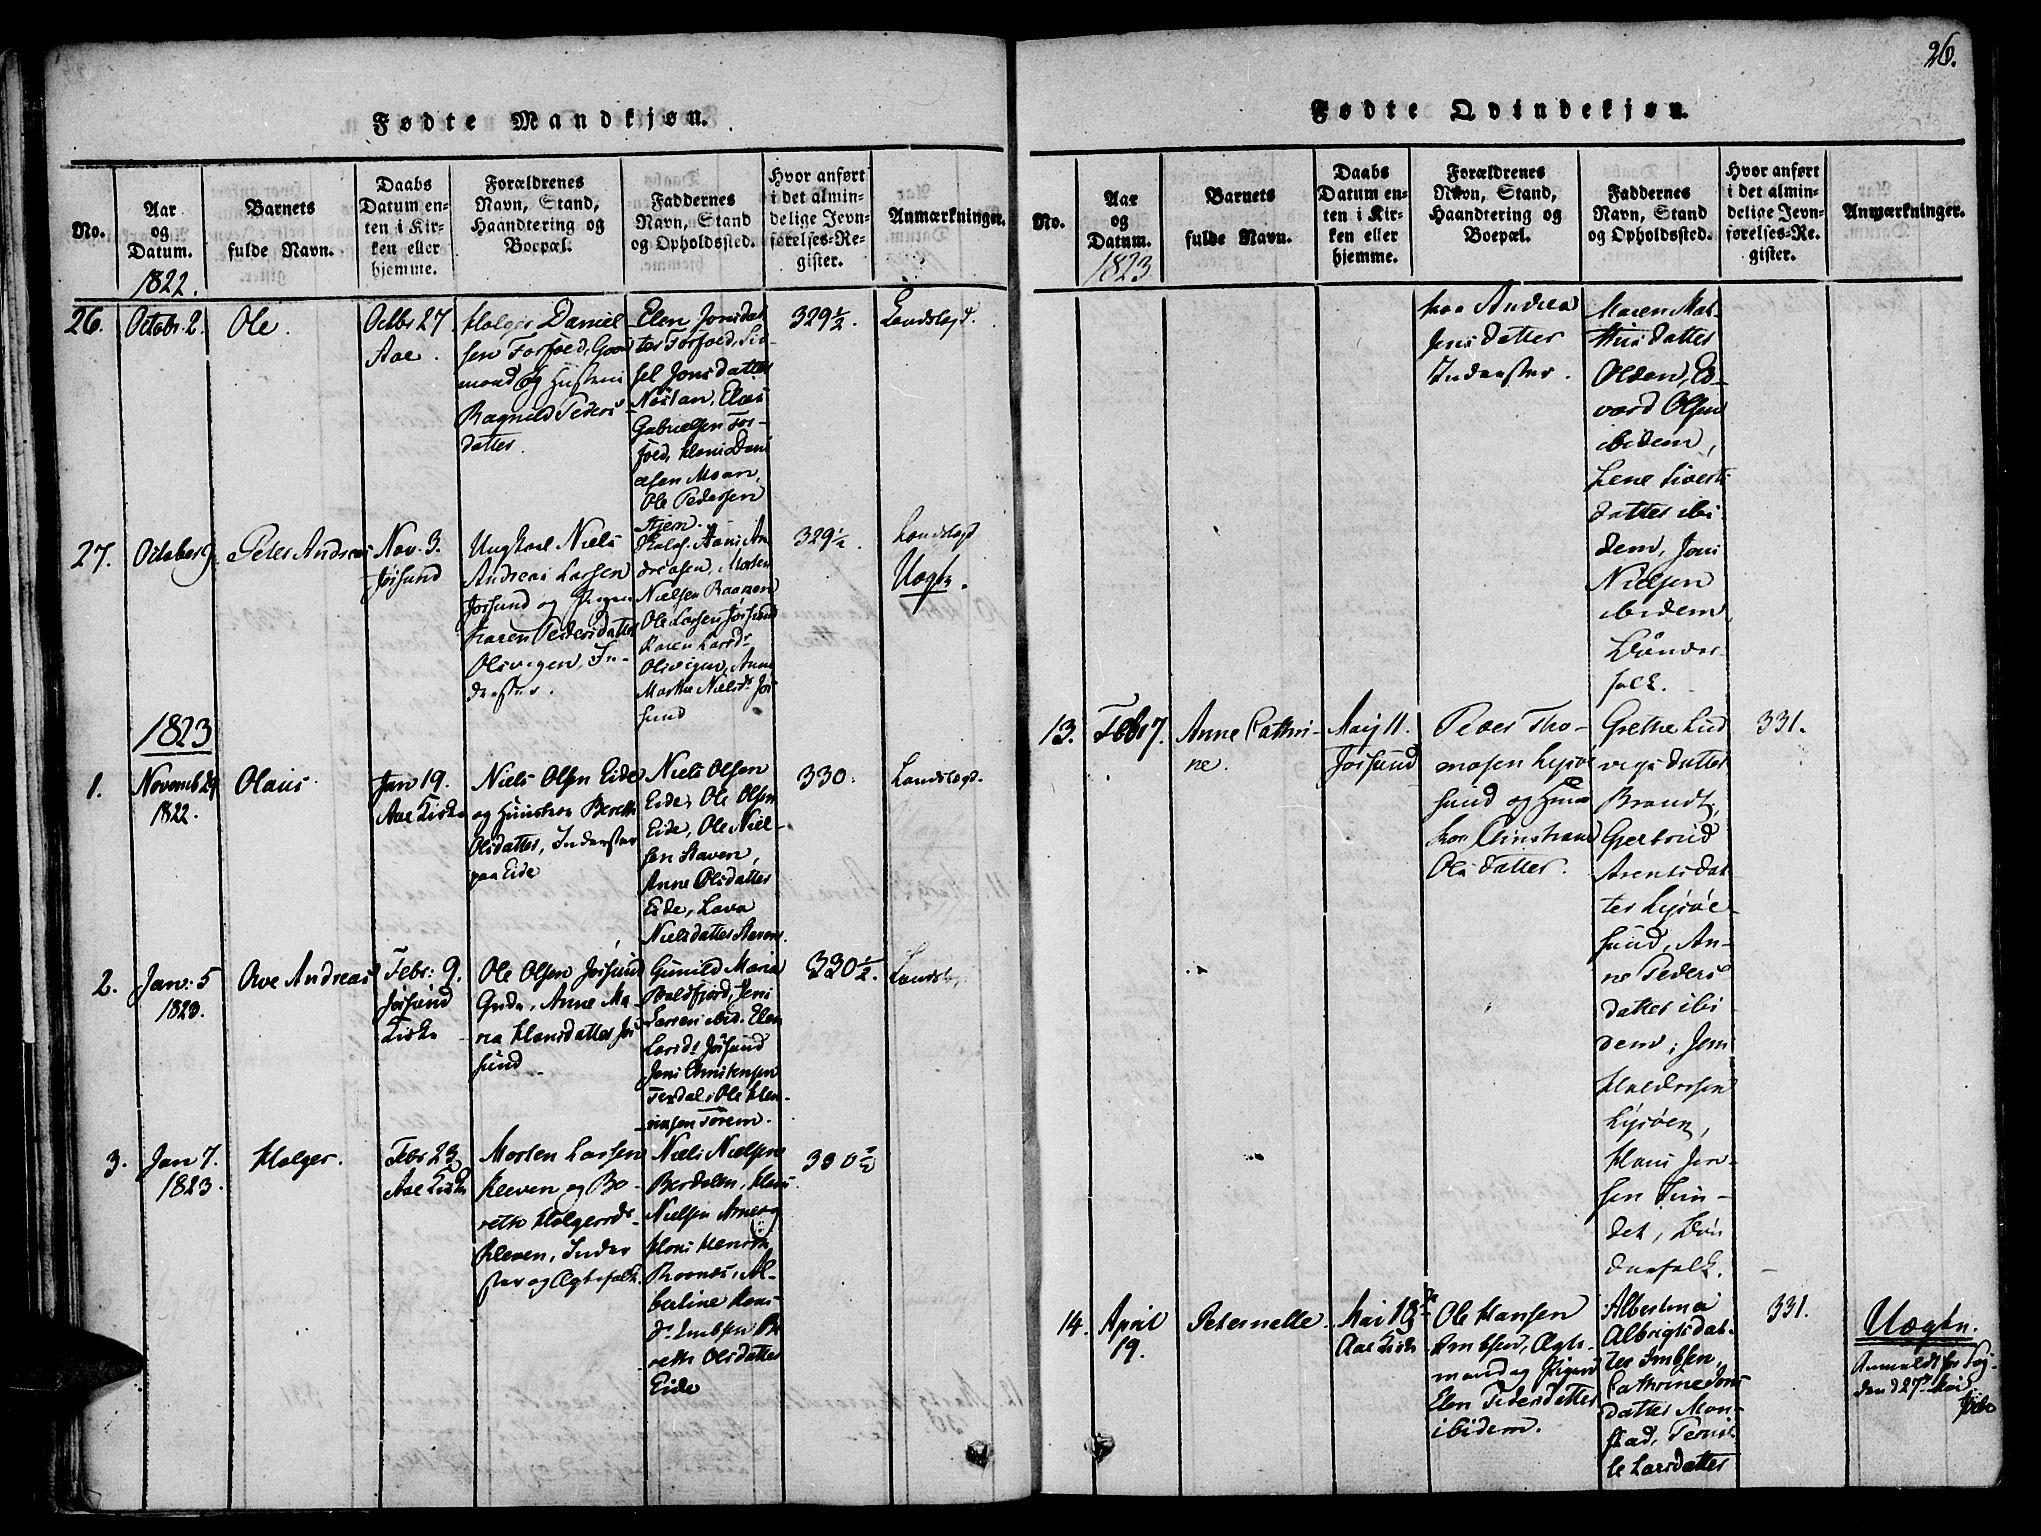 SAT, Ministerialprotokoller, klokkerbøker og fødselsregistre - Sør-Trøndelag, 655/L0675: Ministerialbok nr. 655A04, 1818-1830, s. 26